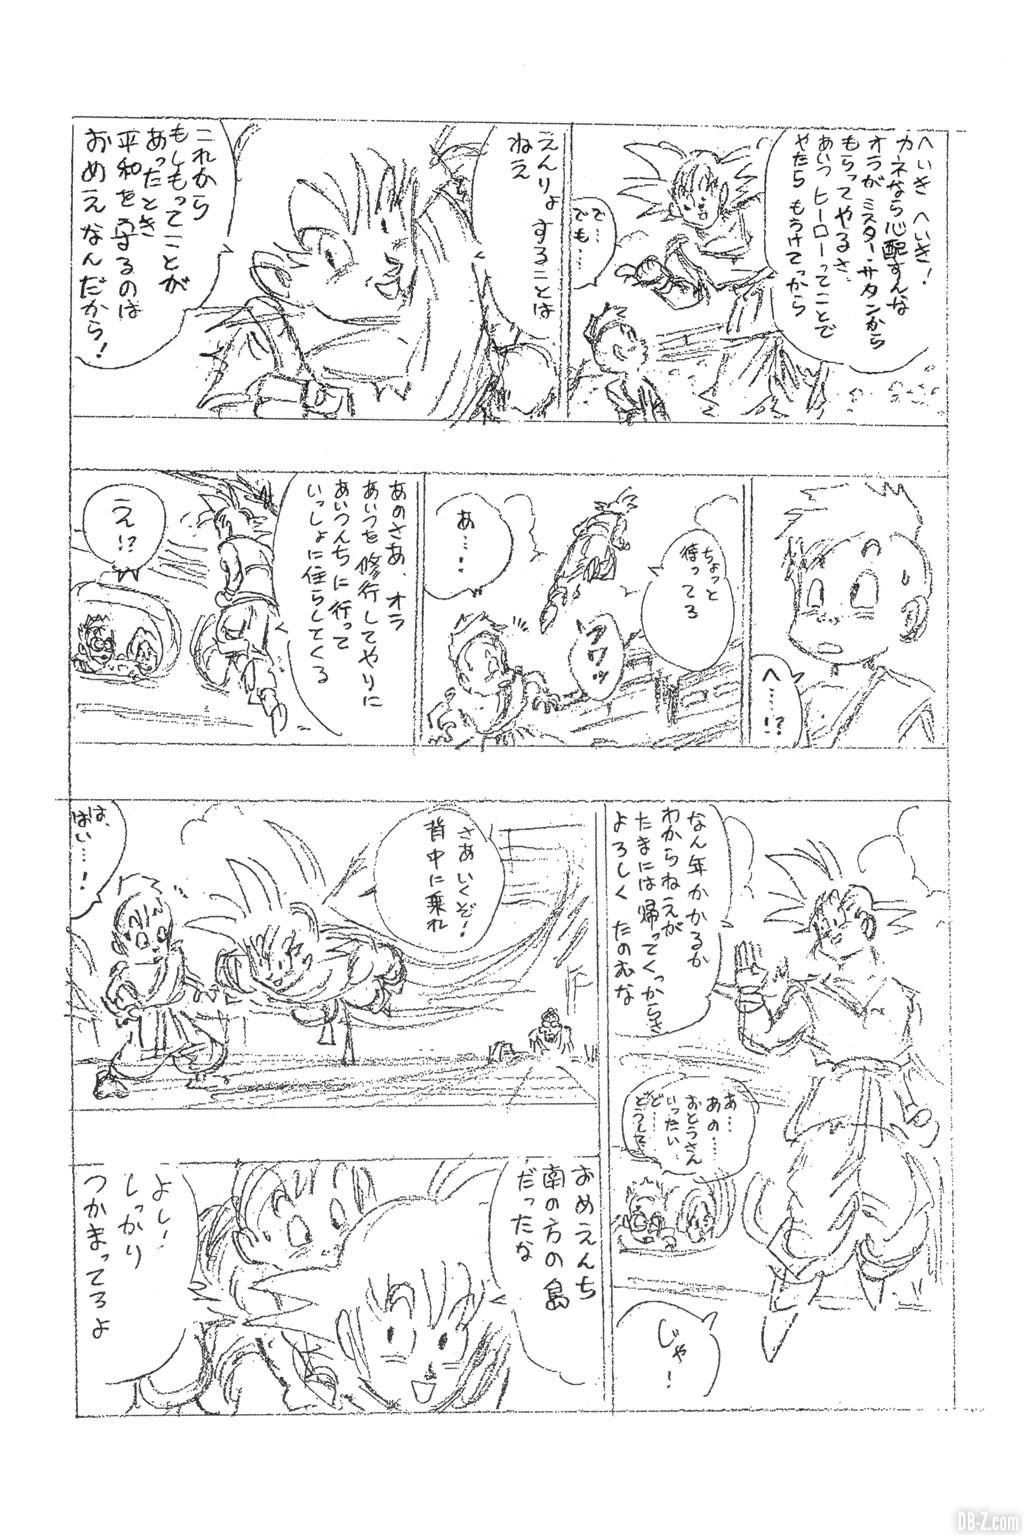 Brouillon Akira Toriyama Dernier Chapitre de Dragon Ball Page 16